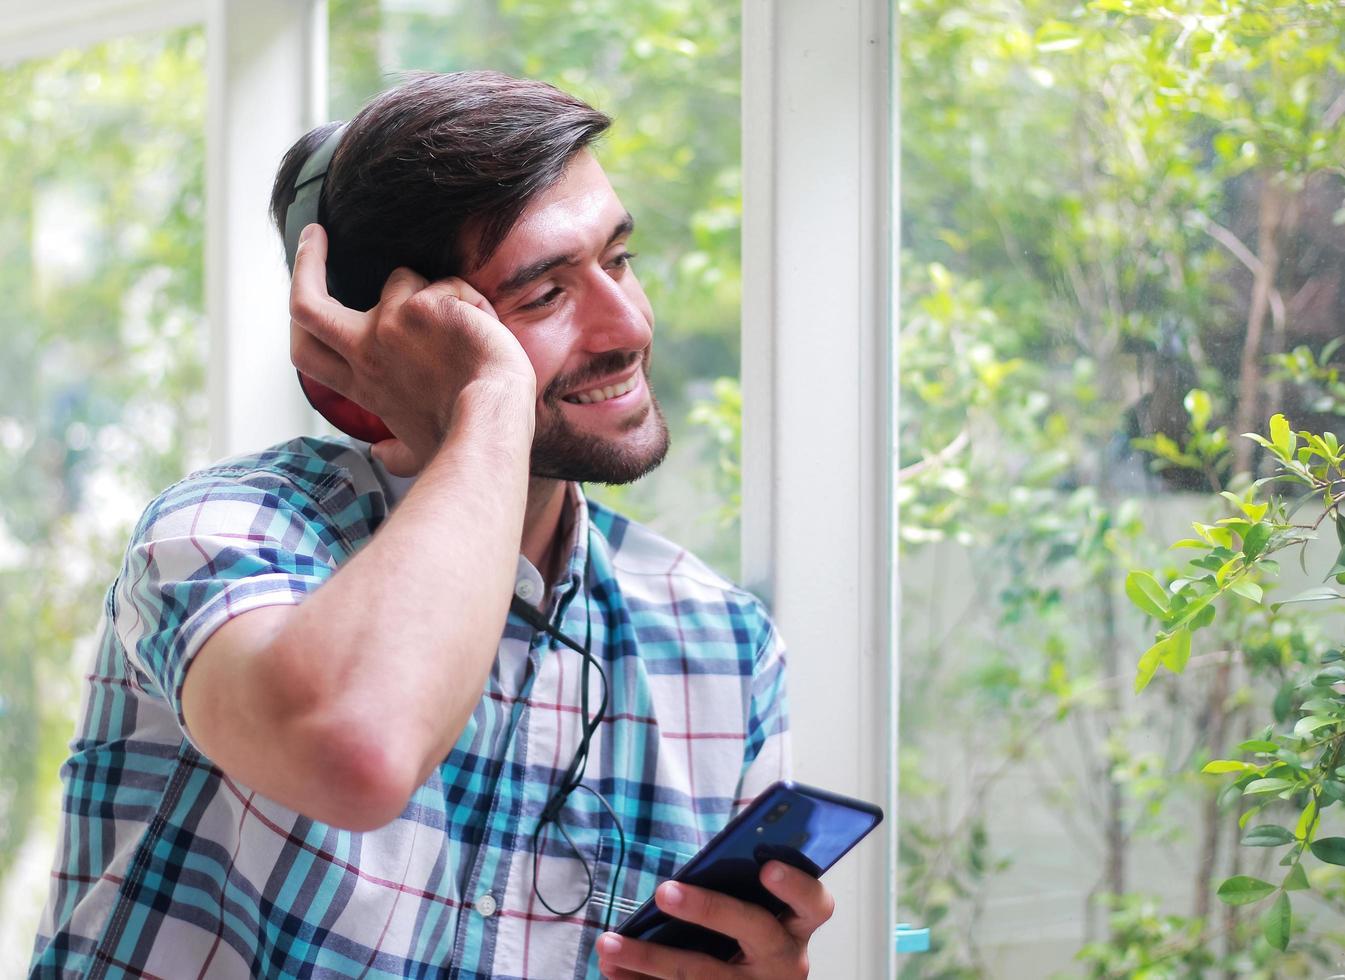 gutaussehender Mann, der glücklich Musik hört foto